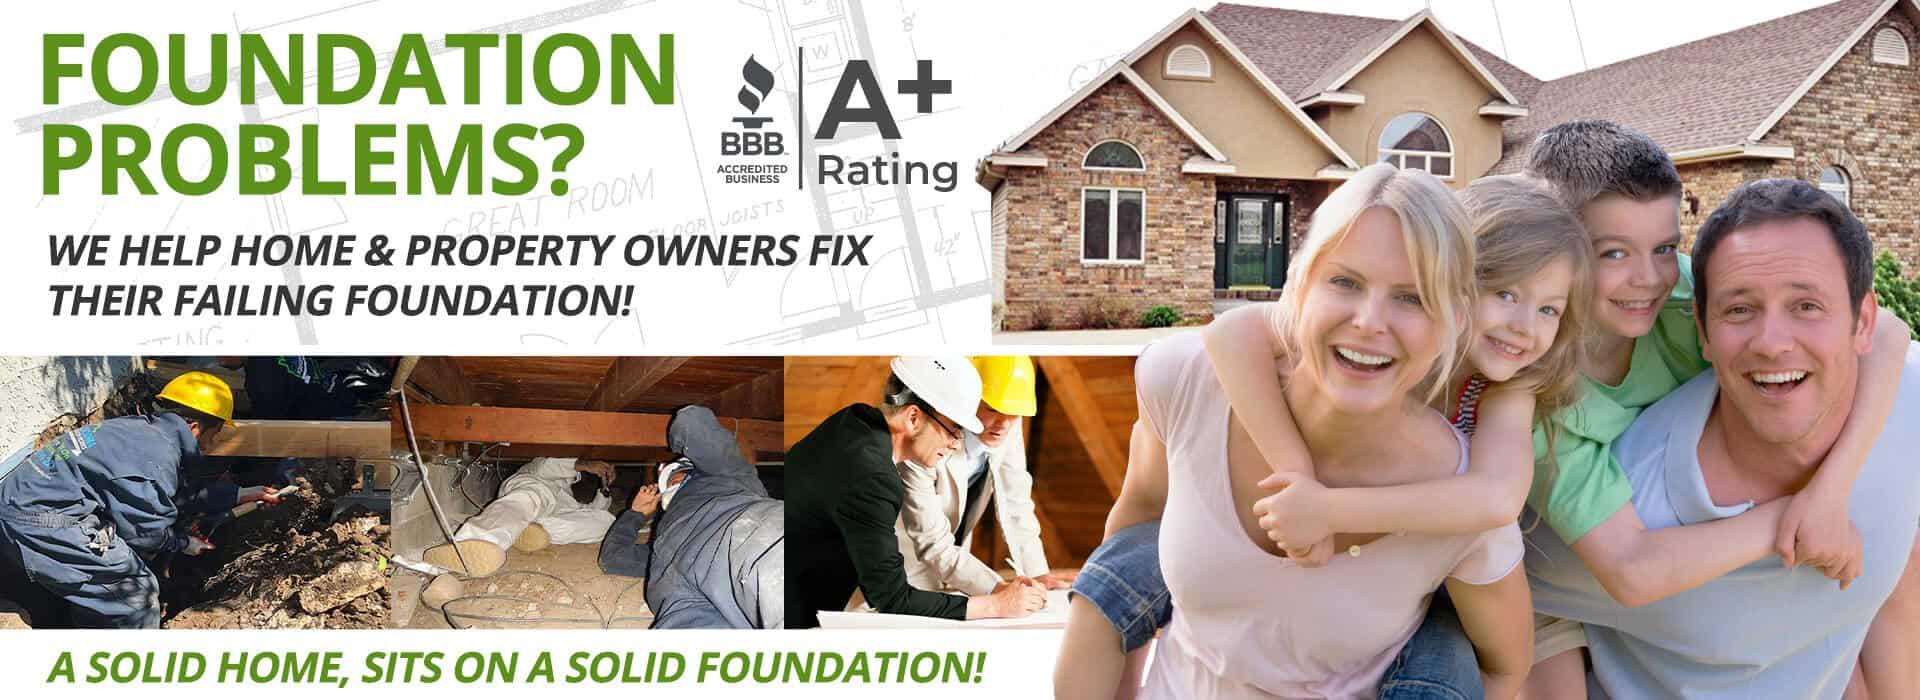 foundation repair hero